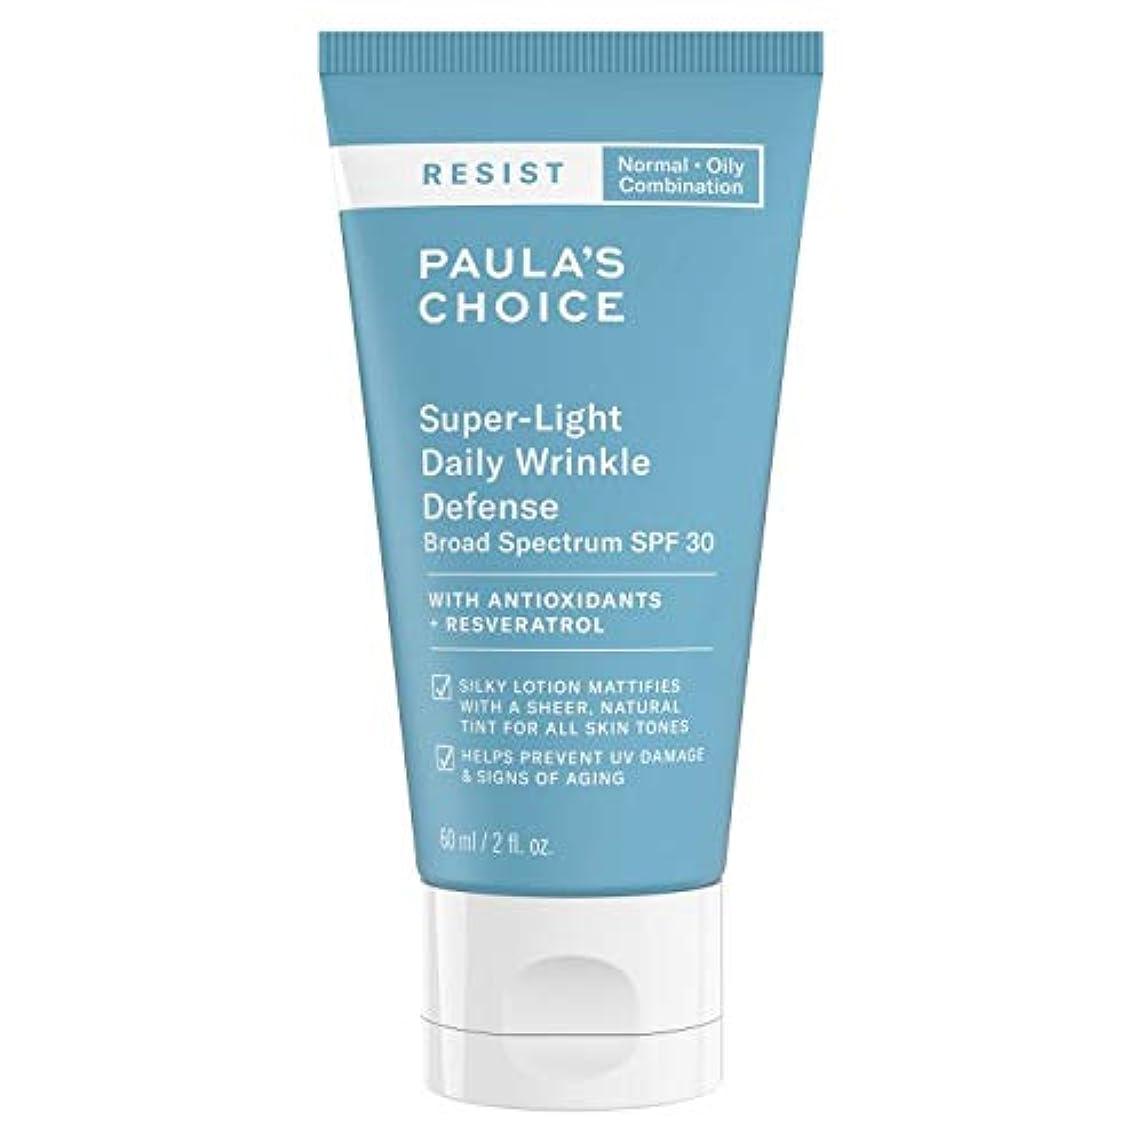 見捨てられた宅配便ほこりっぽいポーラチョイス レジスト スーパーライト 毎日のしわの防衛 サンスクリーン (60ml) SPF30 / Paula's Choice Resist Super-Light Daily Wrinkle Defense Sunscreen